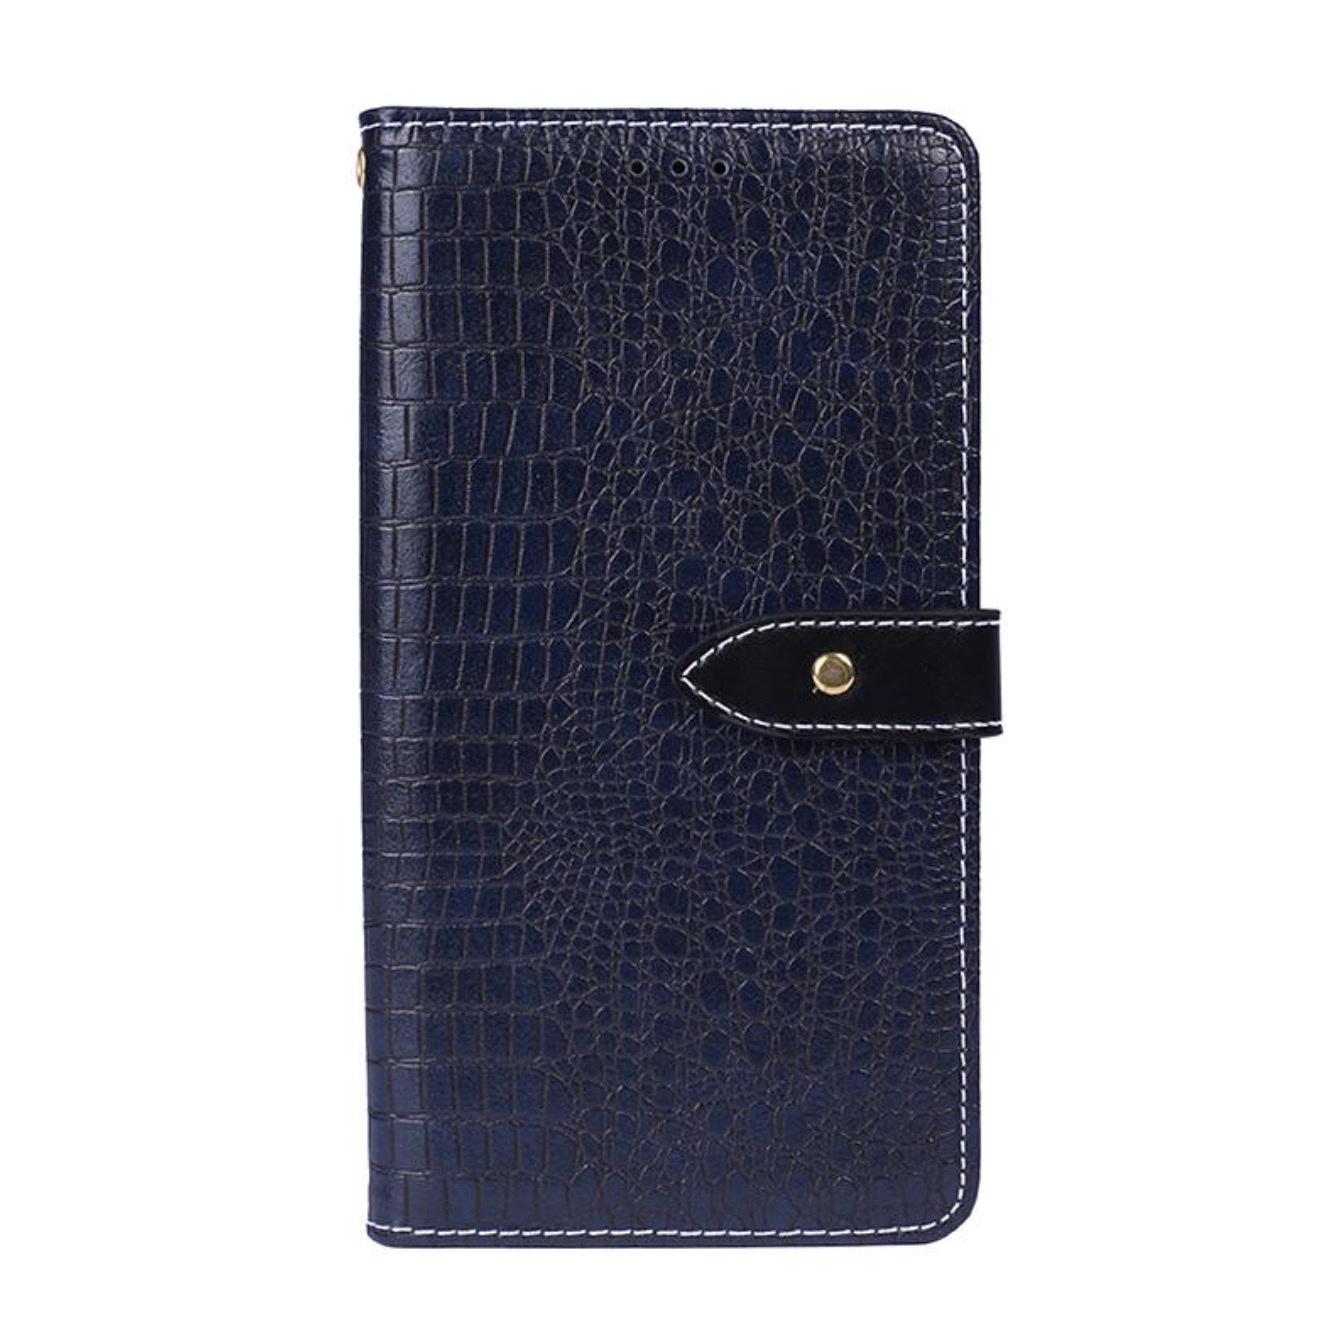 Чехол-книжка MyPads для Samsung Galaxy J2 Core SM-J260F с фактурной прошивкой рельефа кожи крокодила с застежкой и визитницей синий смартфон samsung galaxy j2 core sm j260f черный